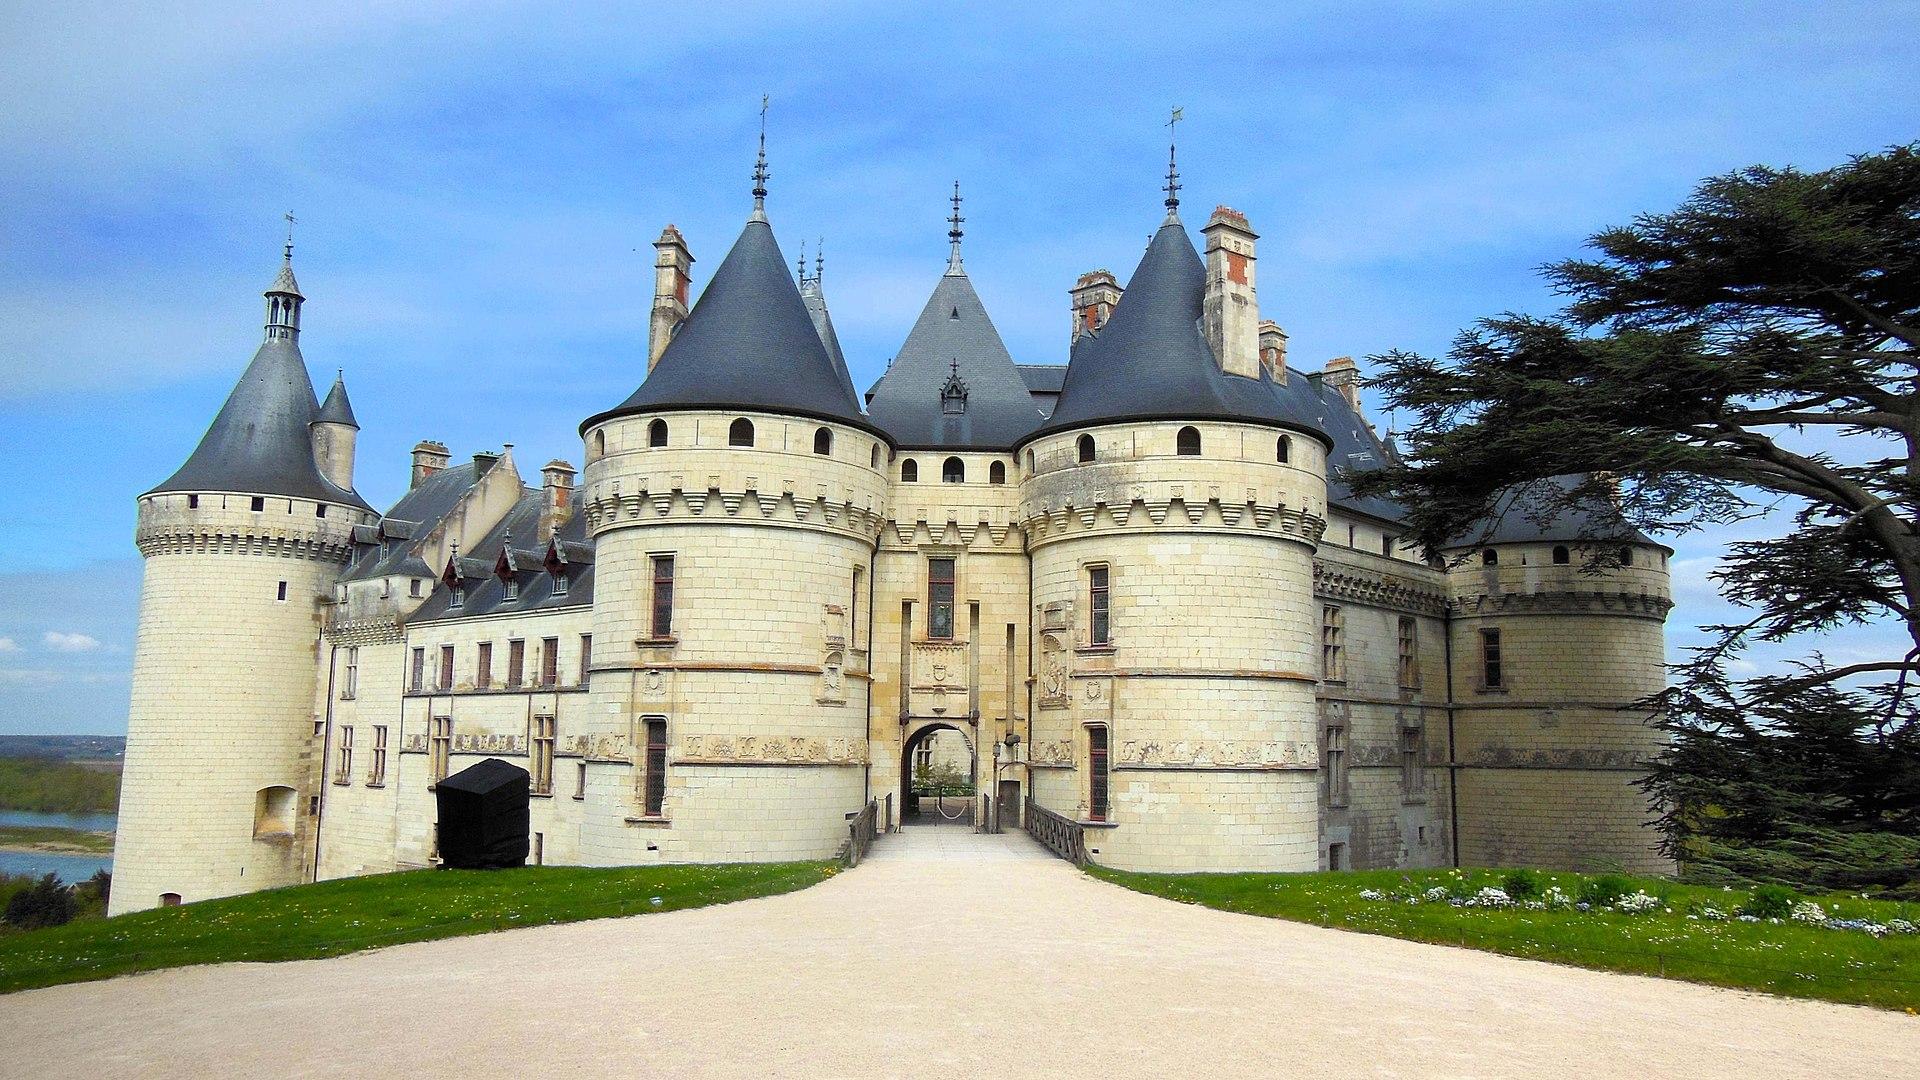 Le château de Chaumont-sur-Loire.